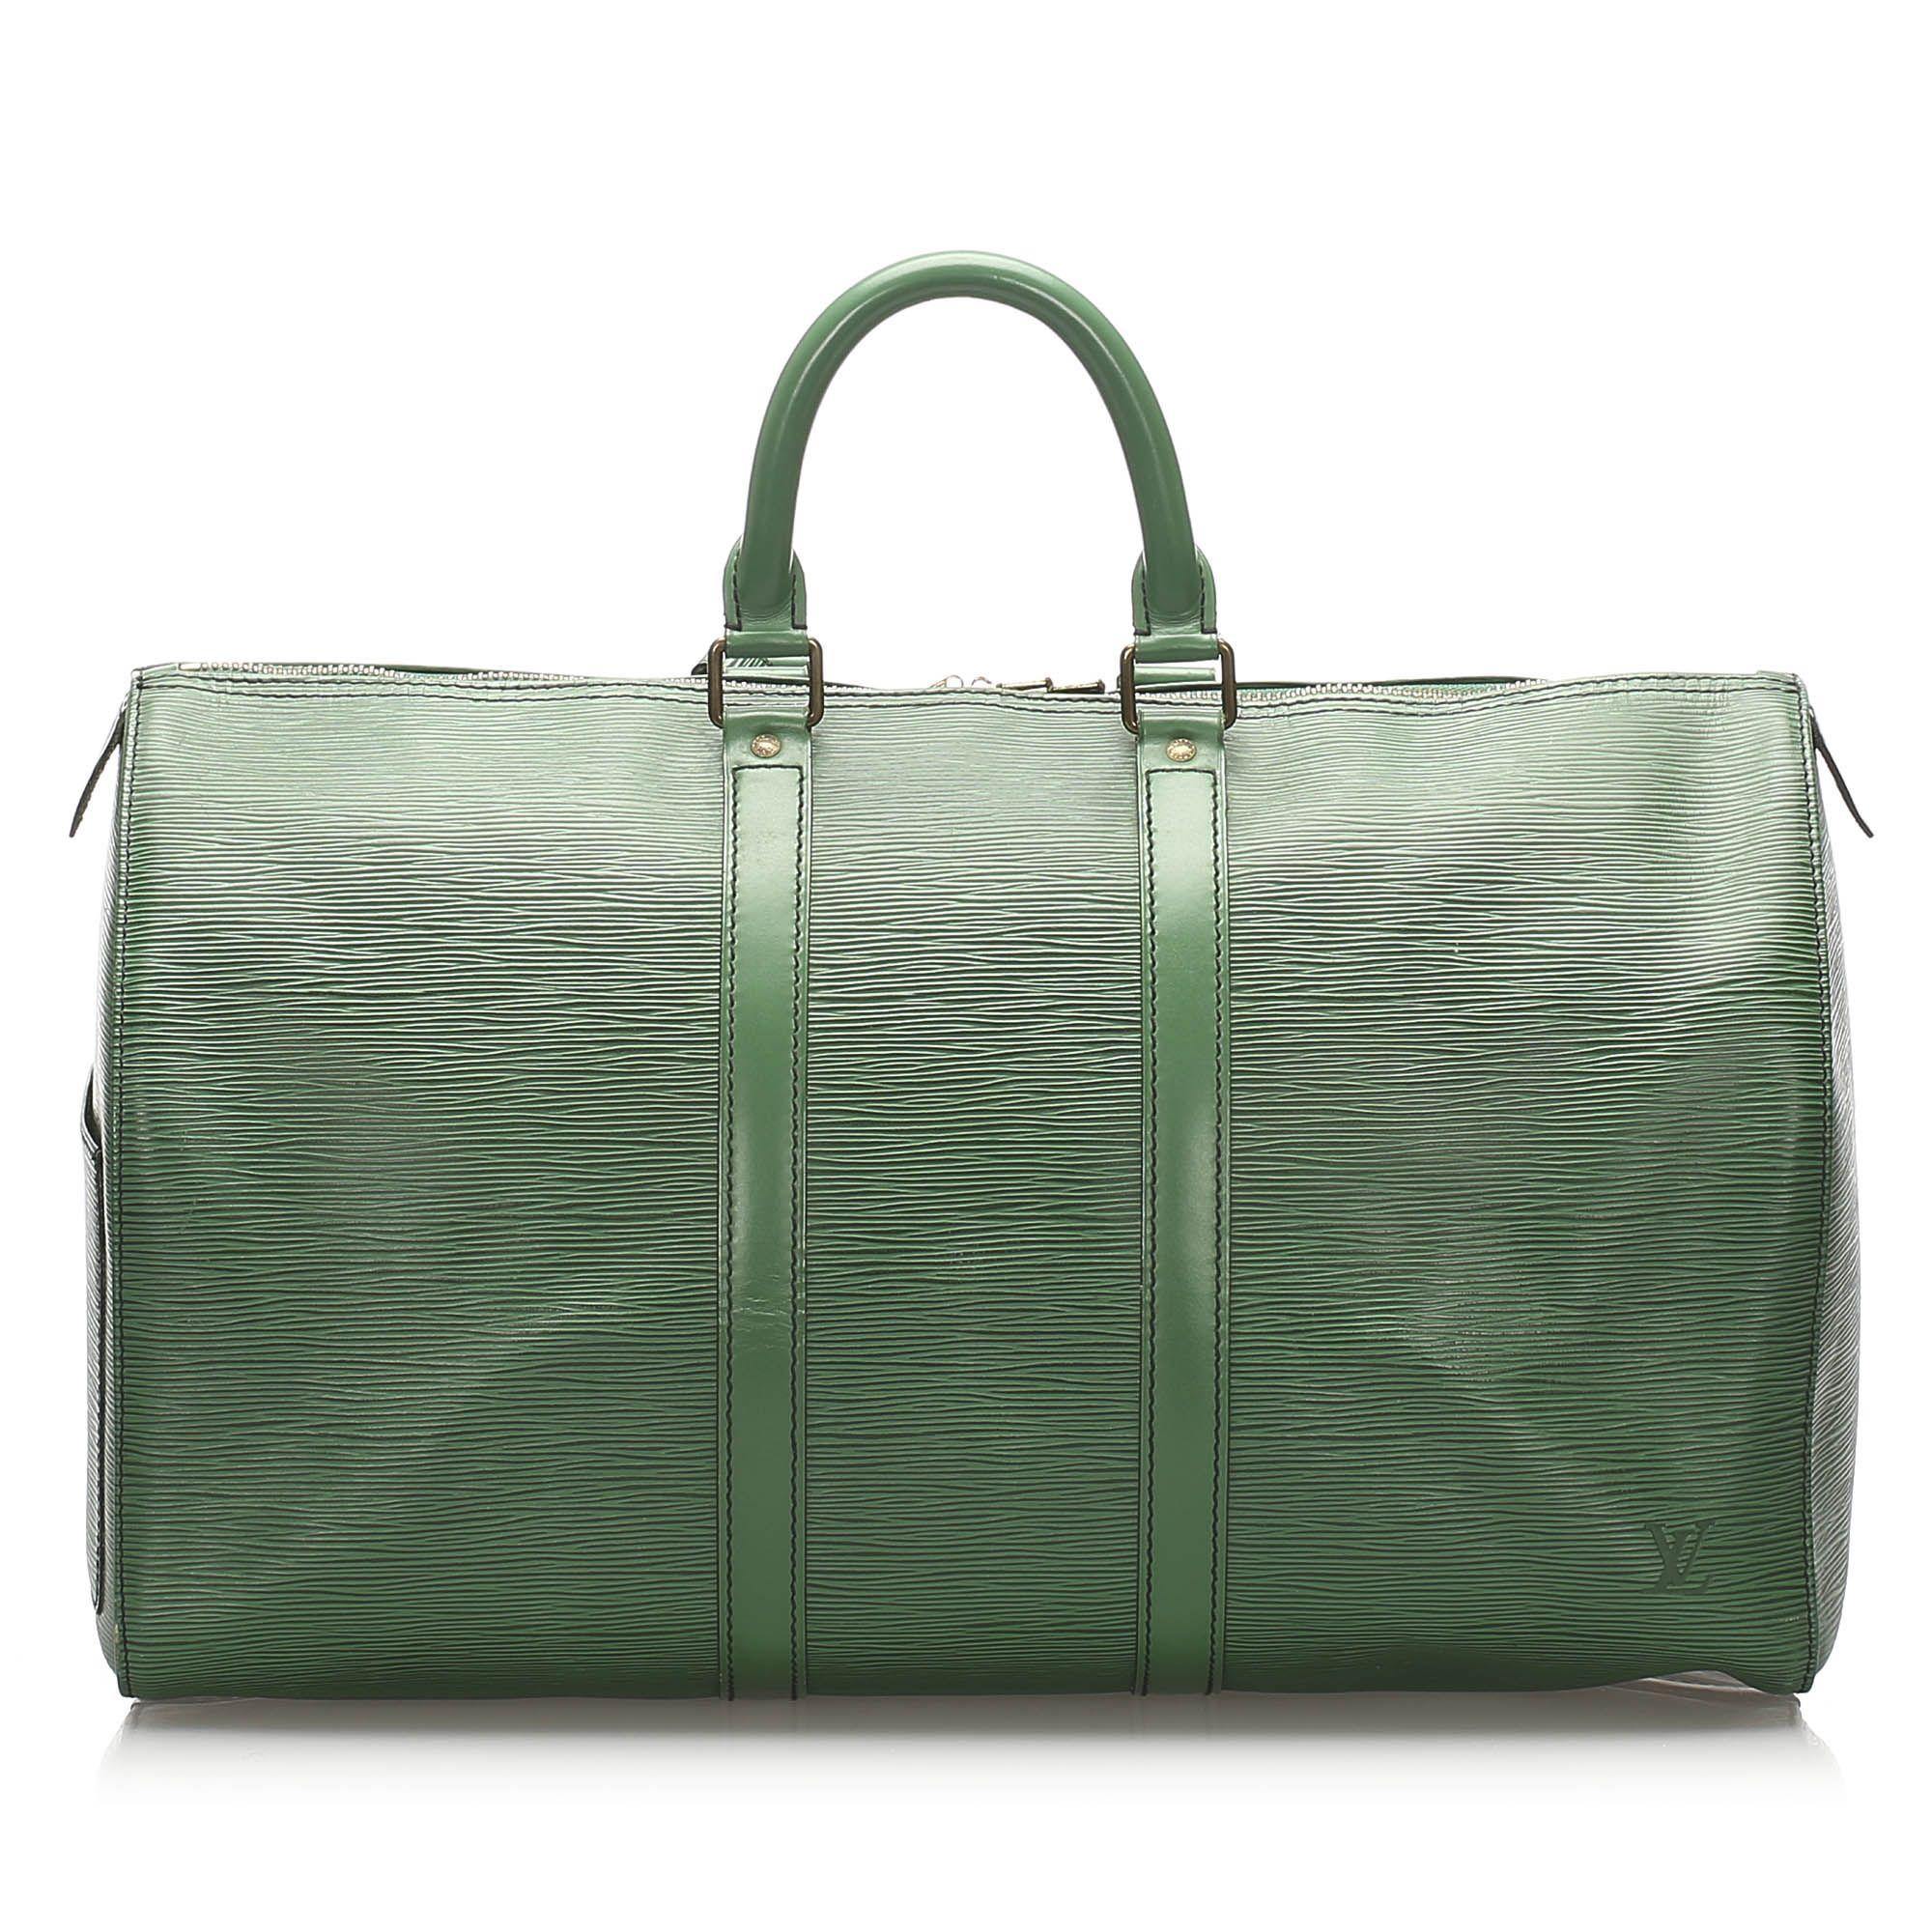 Vintage Louis Vuitton Epi Keepall 50 Green